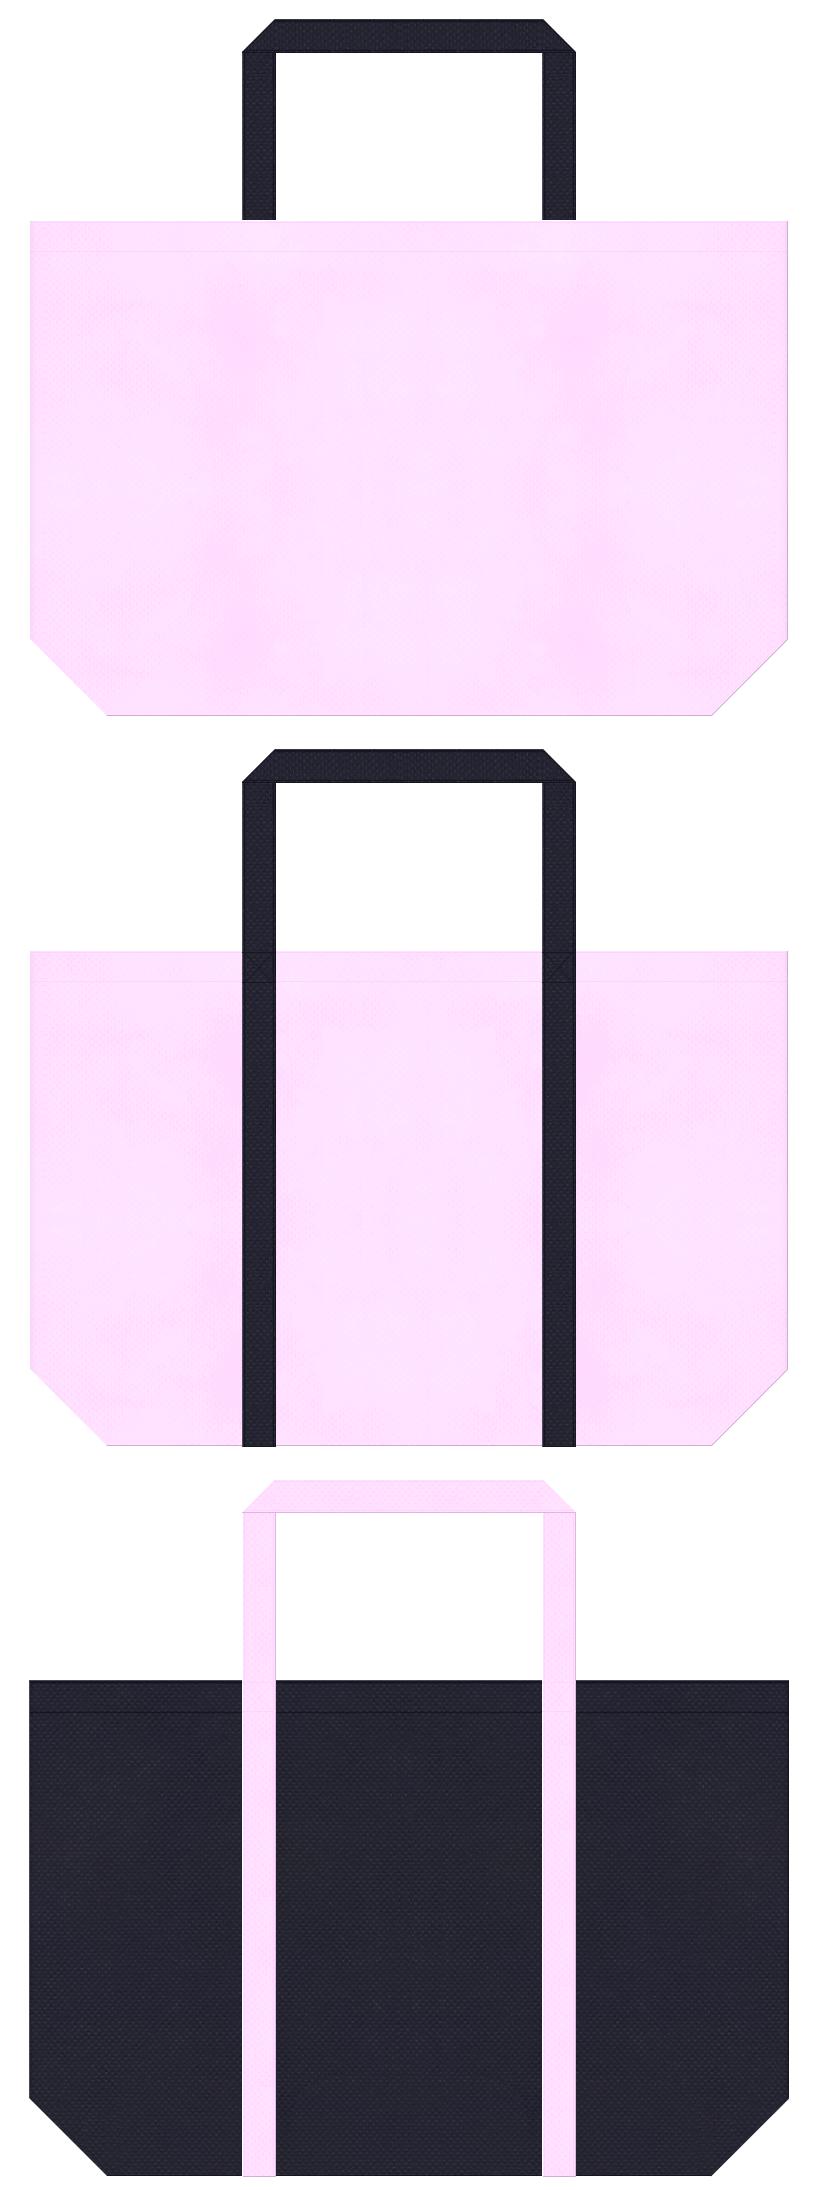 学校・学園・オープンキャンパス・学習塾・レッスンバッグ・スクールユニフォームのショッピングバッグにお奨めの不織布バッグデザイン:パステルピンク色と濃紺色のコーデ